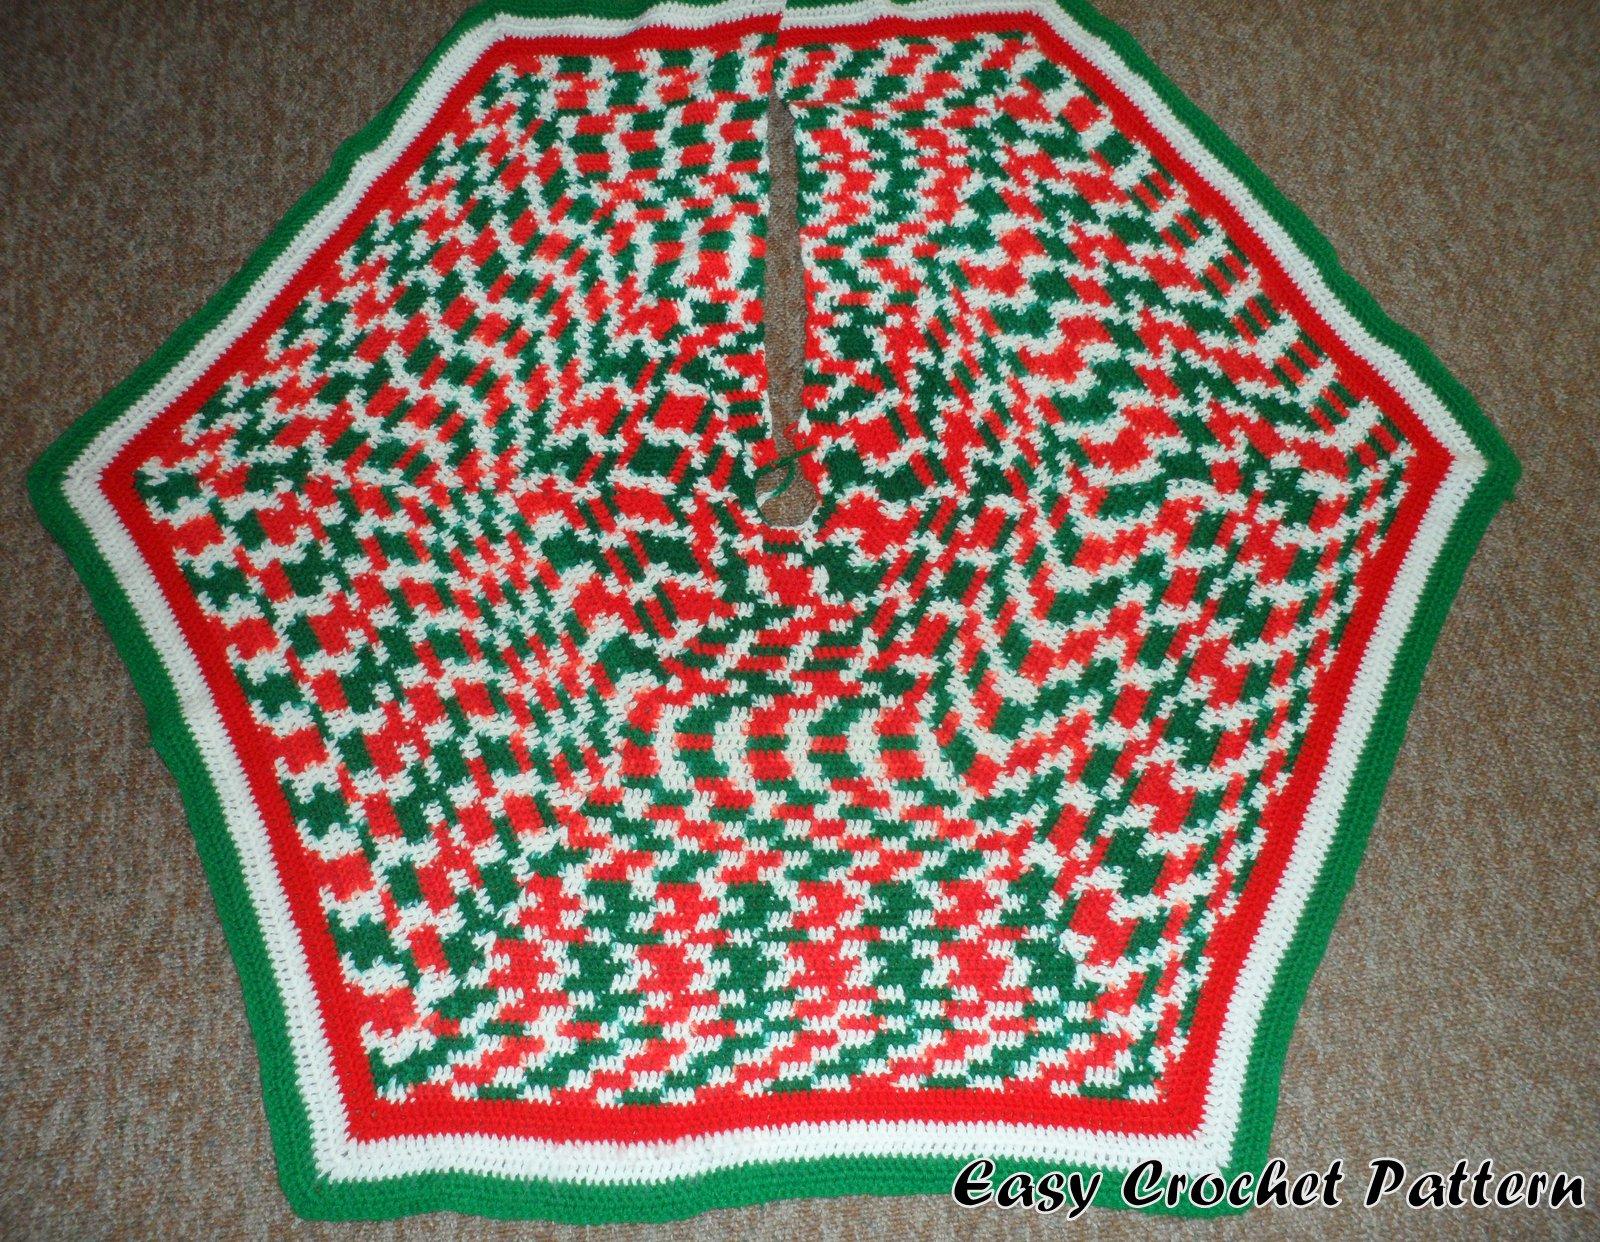 Easy Crochet Pattern: Easy Crocheted Hexagon Christmas